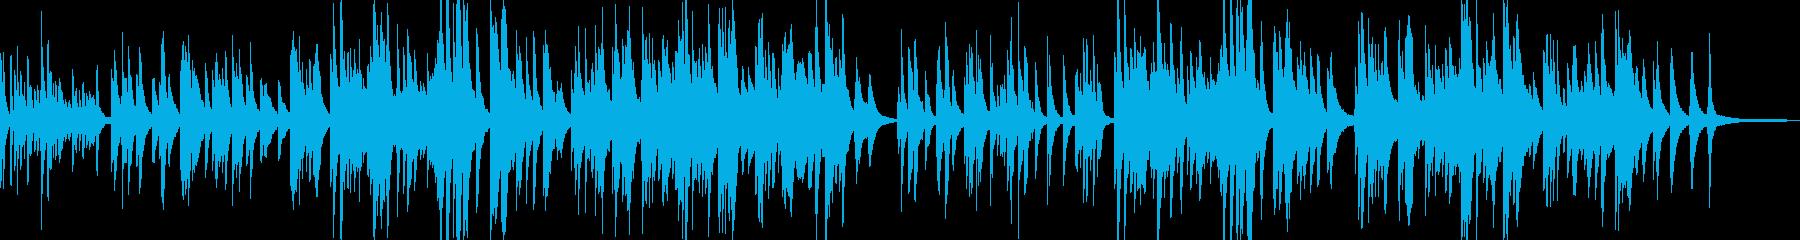 想い出アルバムにフィットするピアノ曲の再生済みの波形